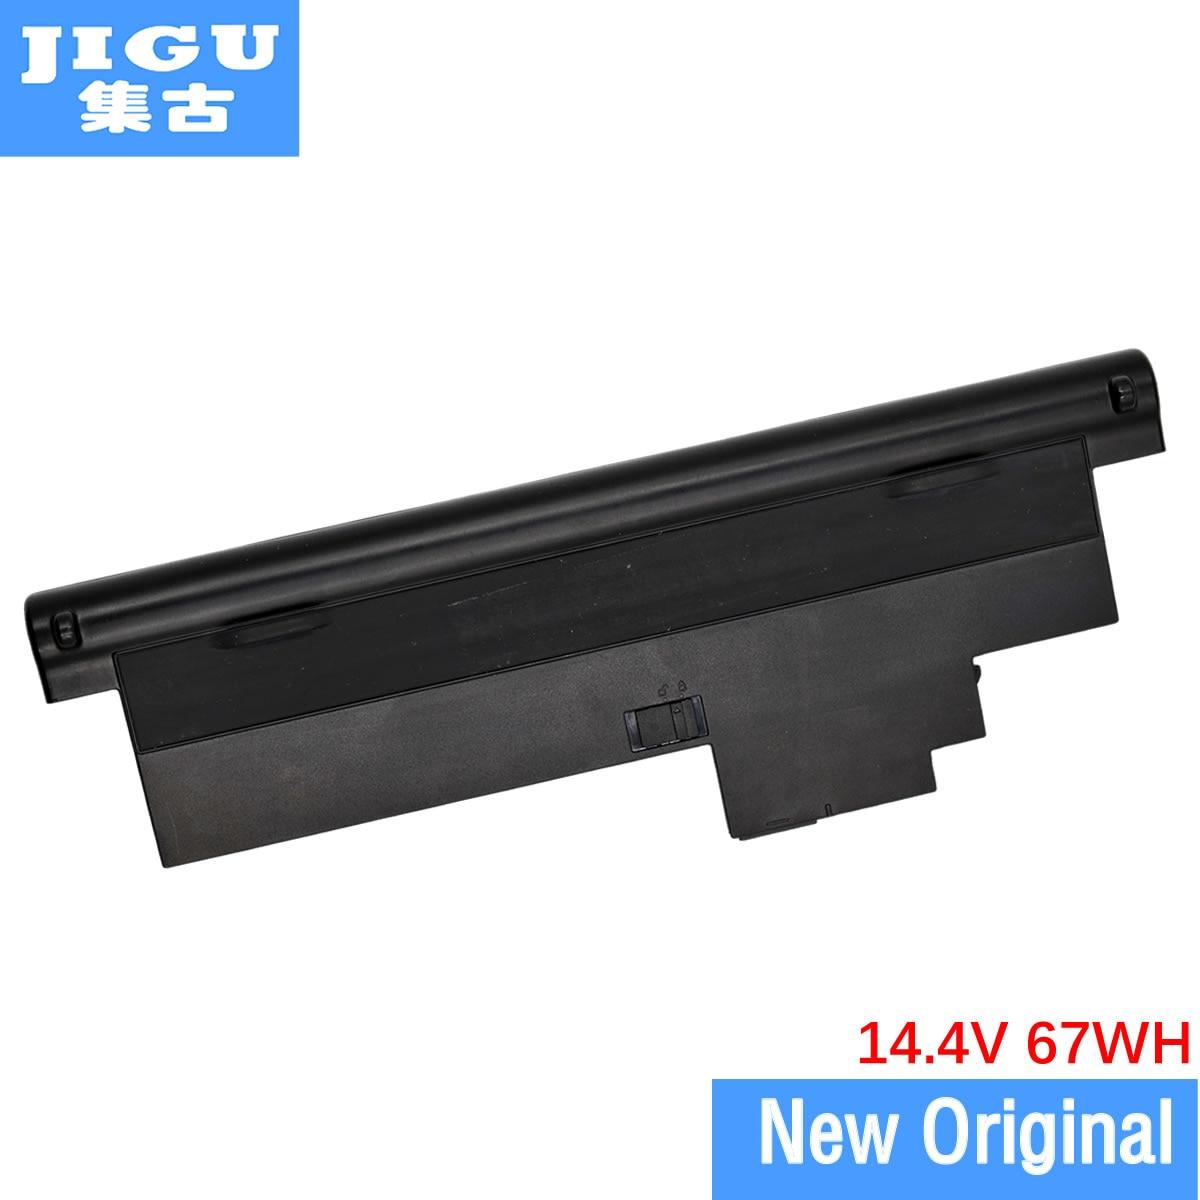 JIGU 43R9257 42T4565 42T4658 42T4827 Original laptop Battery For Lenovo ThinkPad X200t x201t X200 Tablet 2266 7448 7450 jigu l09n8t22 l09n8y22 l09p8y22 lo9p8y22 original laptop battery for lenovo ideapad u460 14 4v 64wh